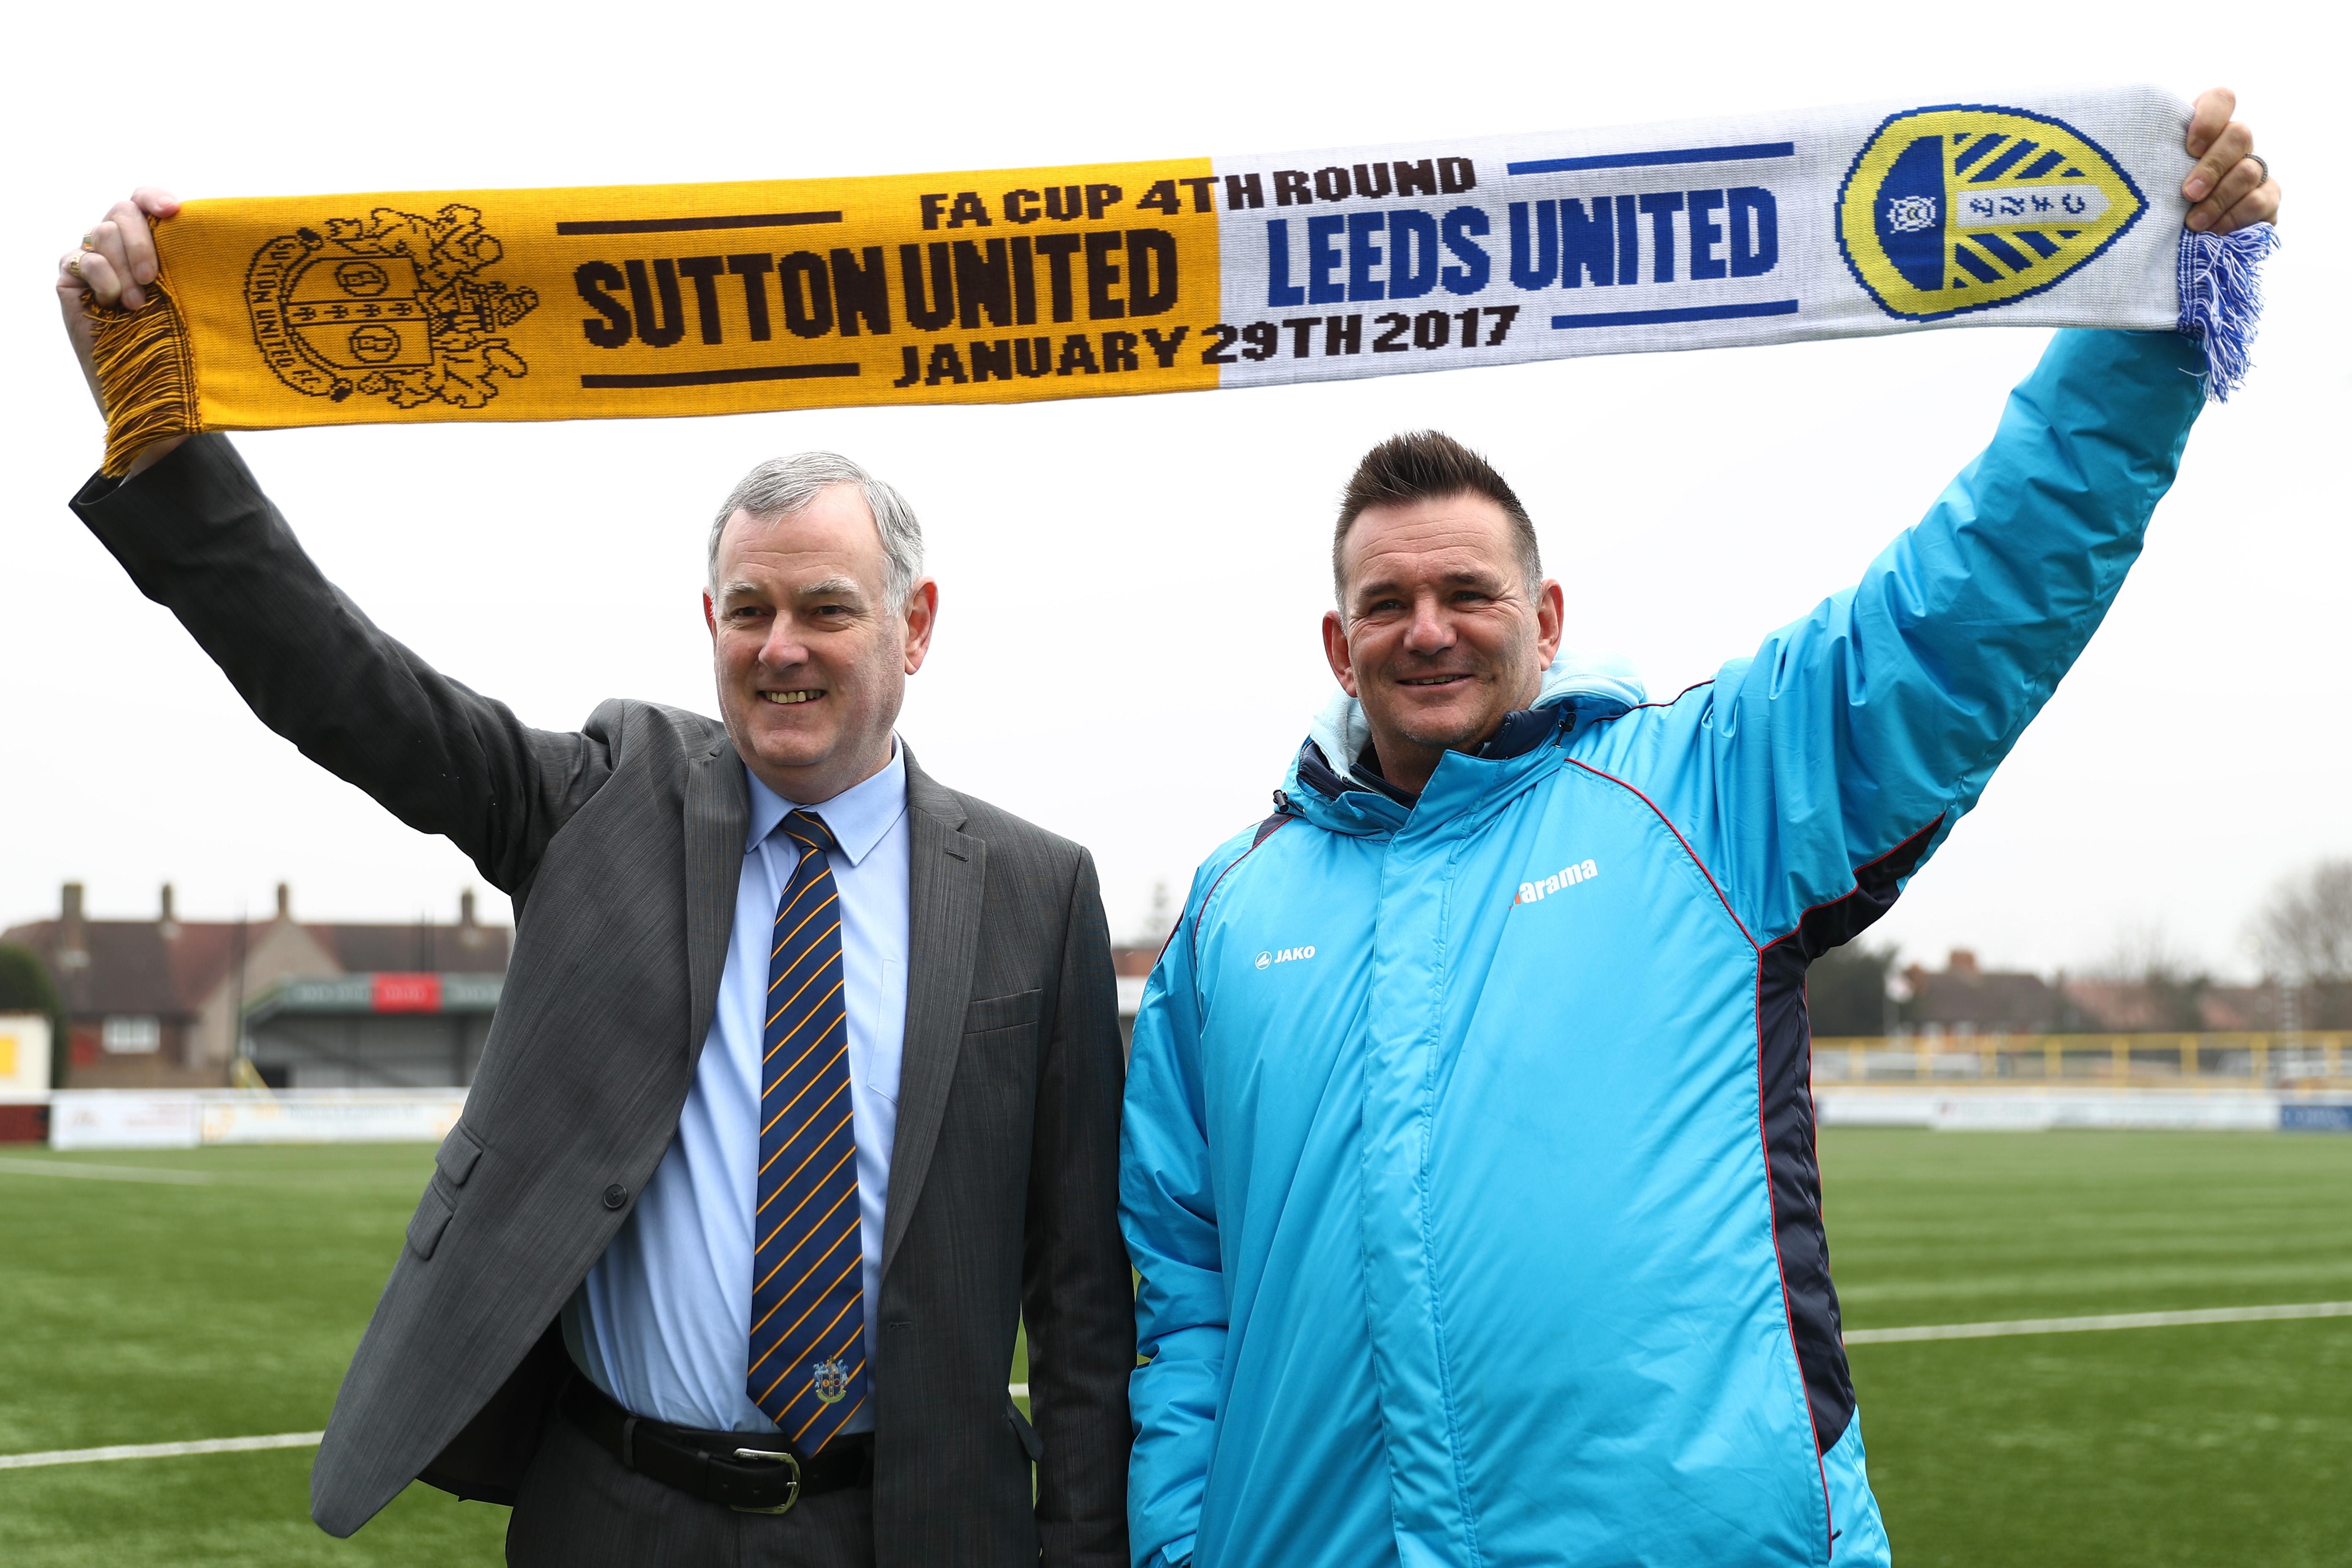 Sutton United Media Access